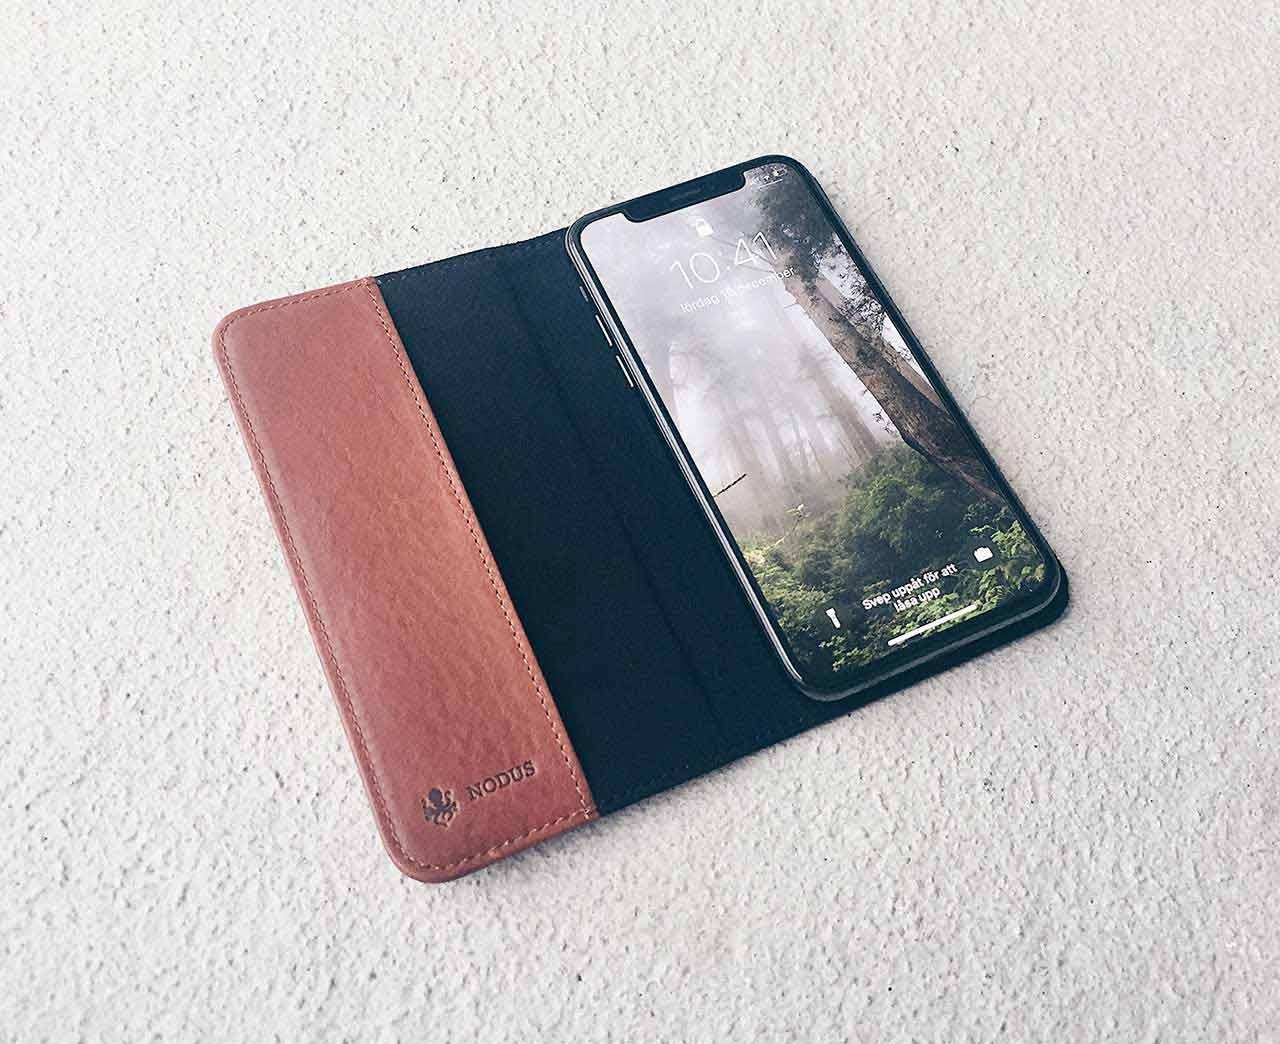 Access Case 3 är ett plånboksfodral till iPhone X